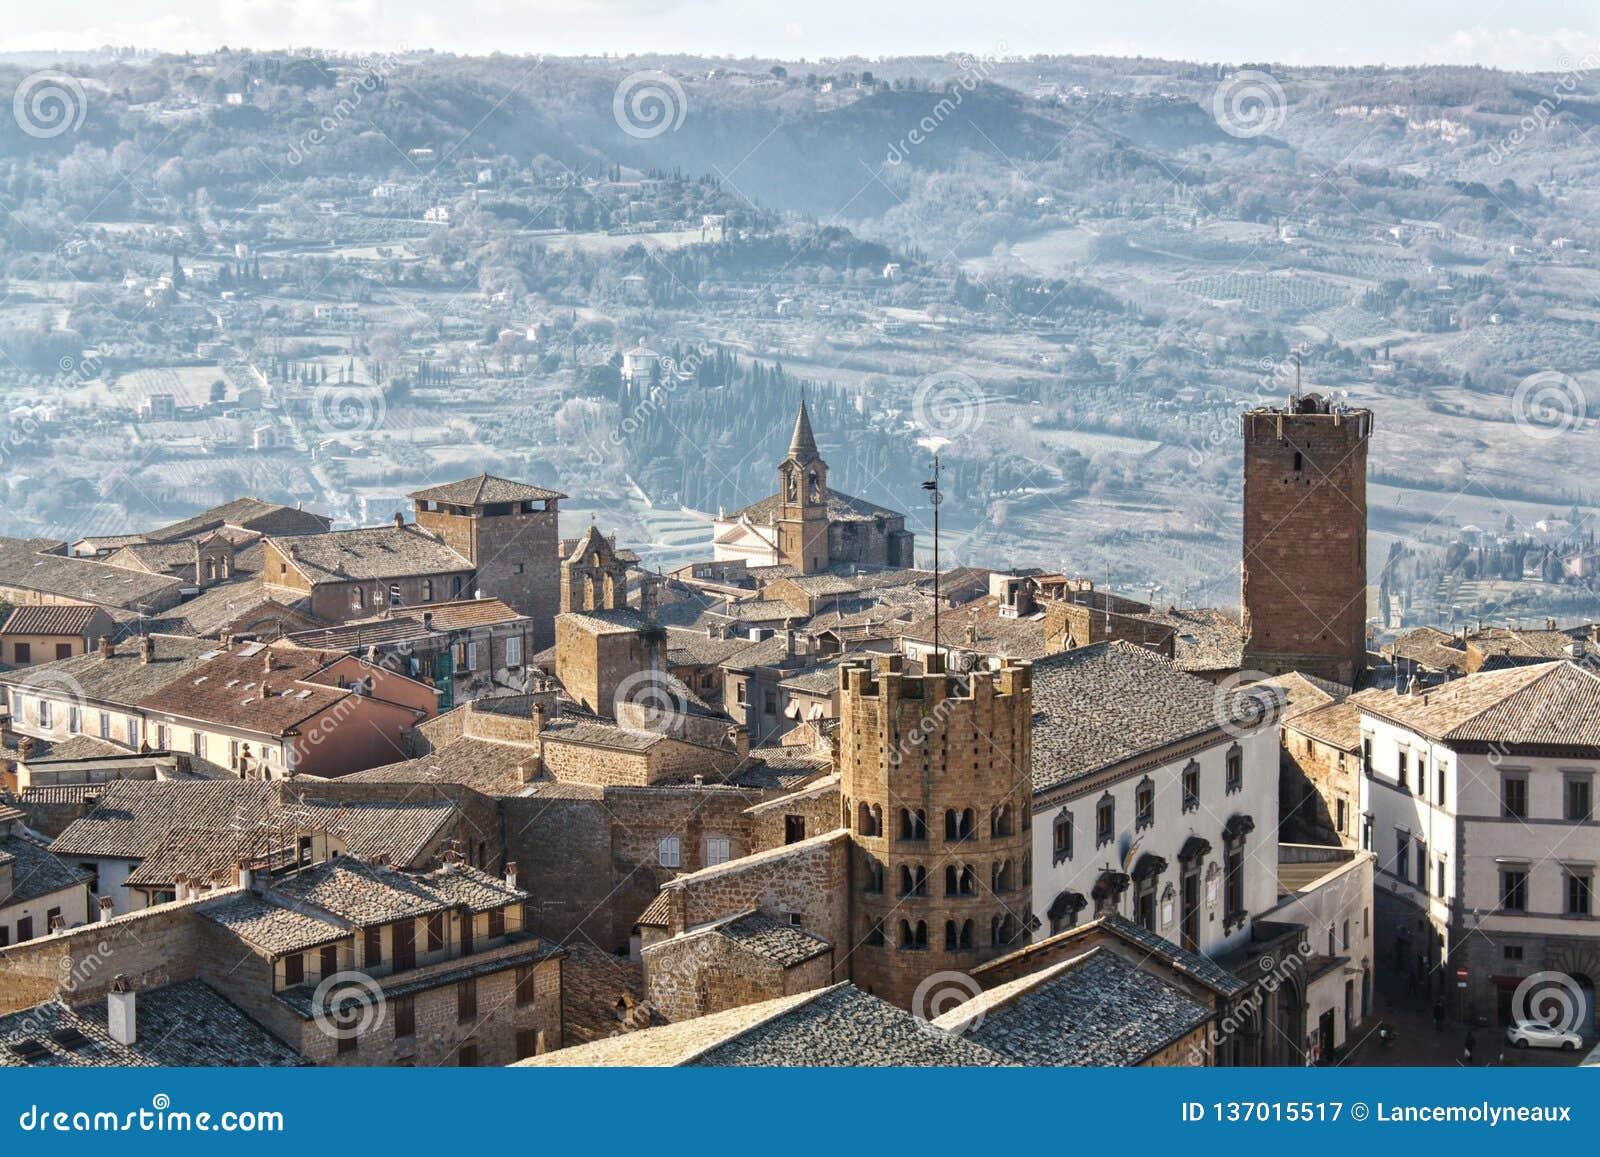 Итальянский городок вершины холма сидит высоко над сельской местностью в расстоянии